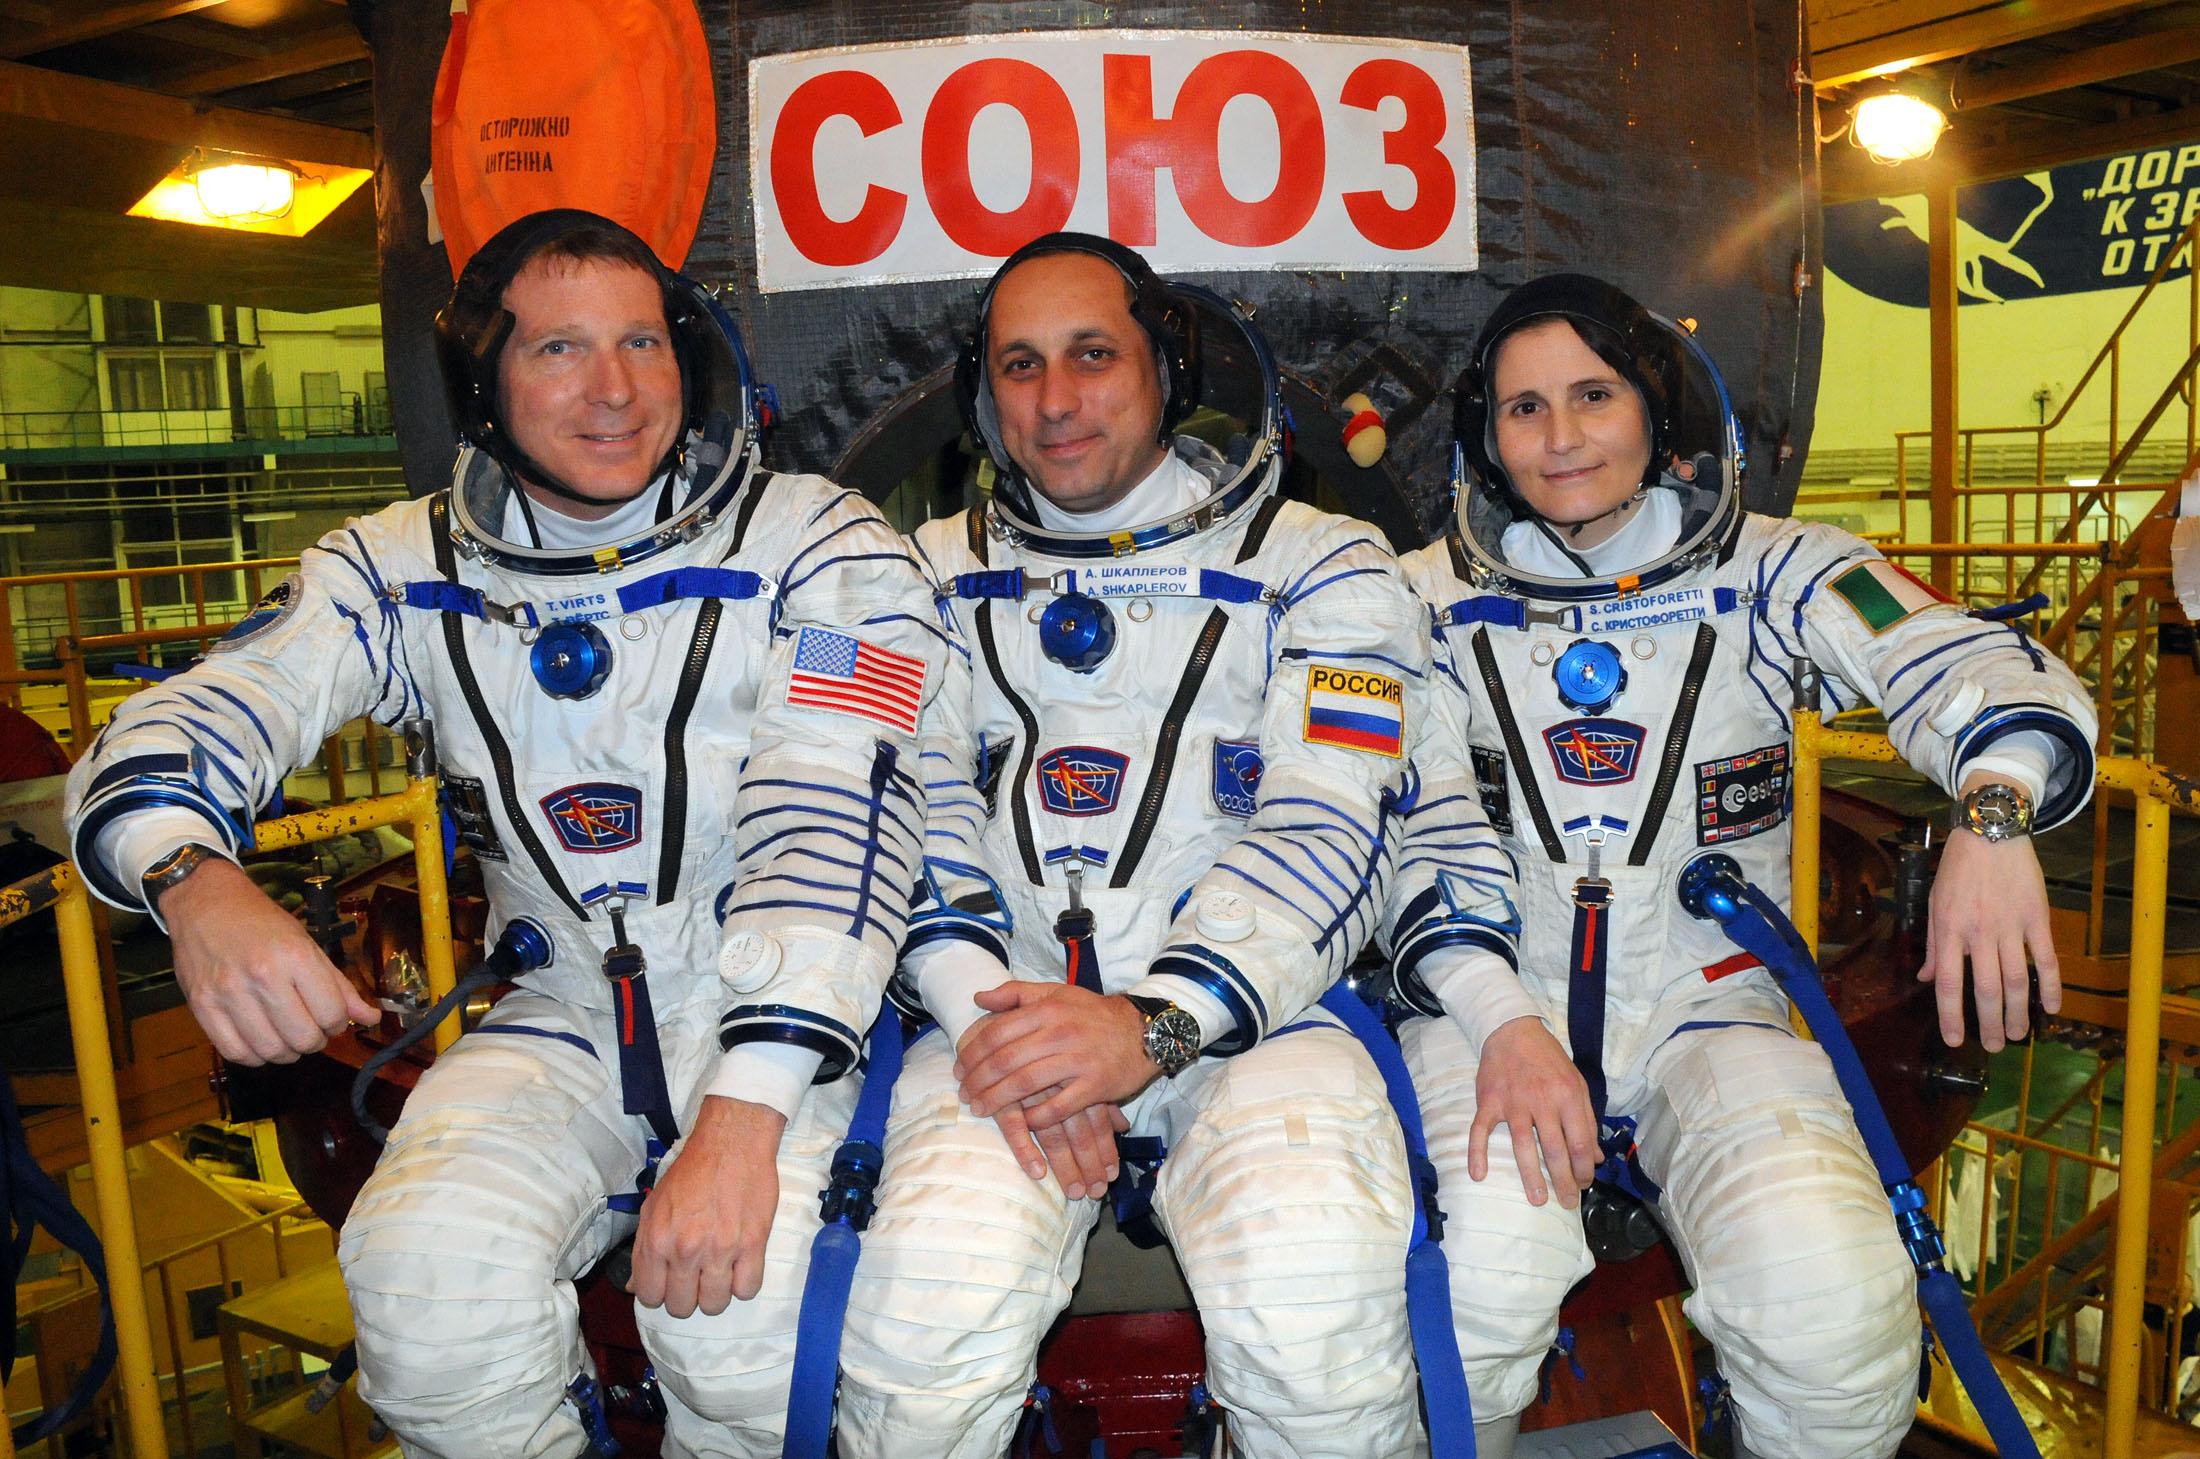 탐험대42의 세 우주인이 소유즈호앞에서 기념촬영